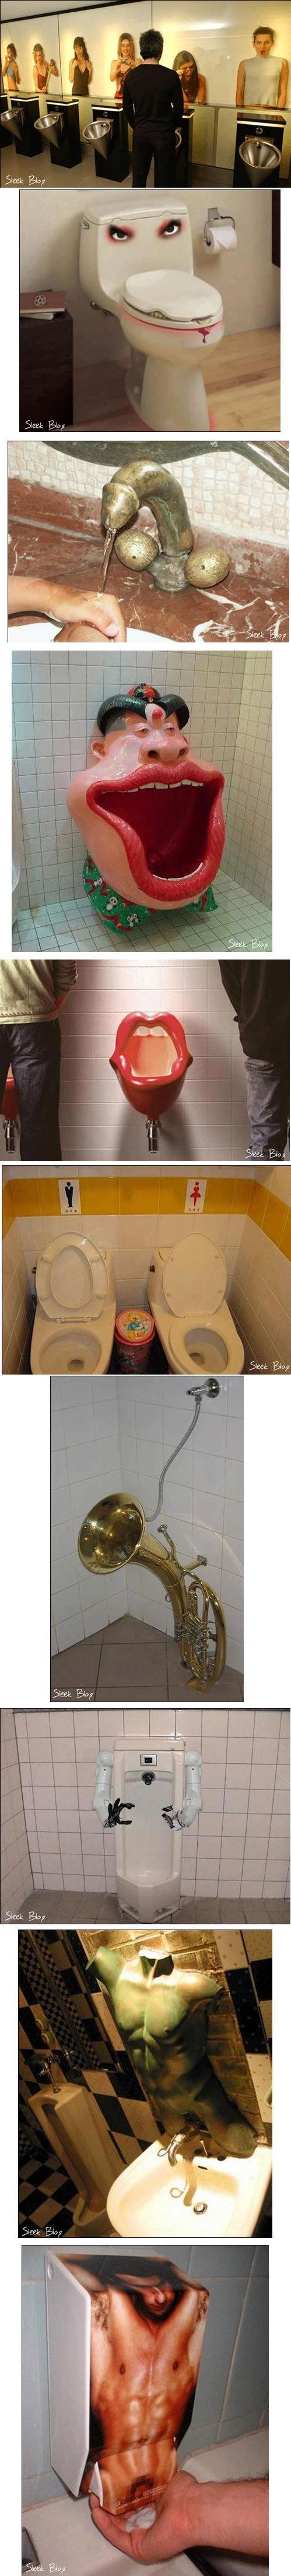 toilet humour. . toilet humour